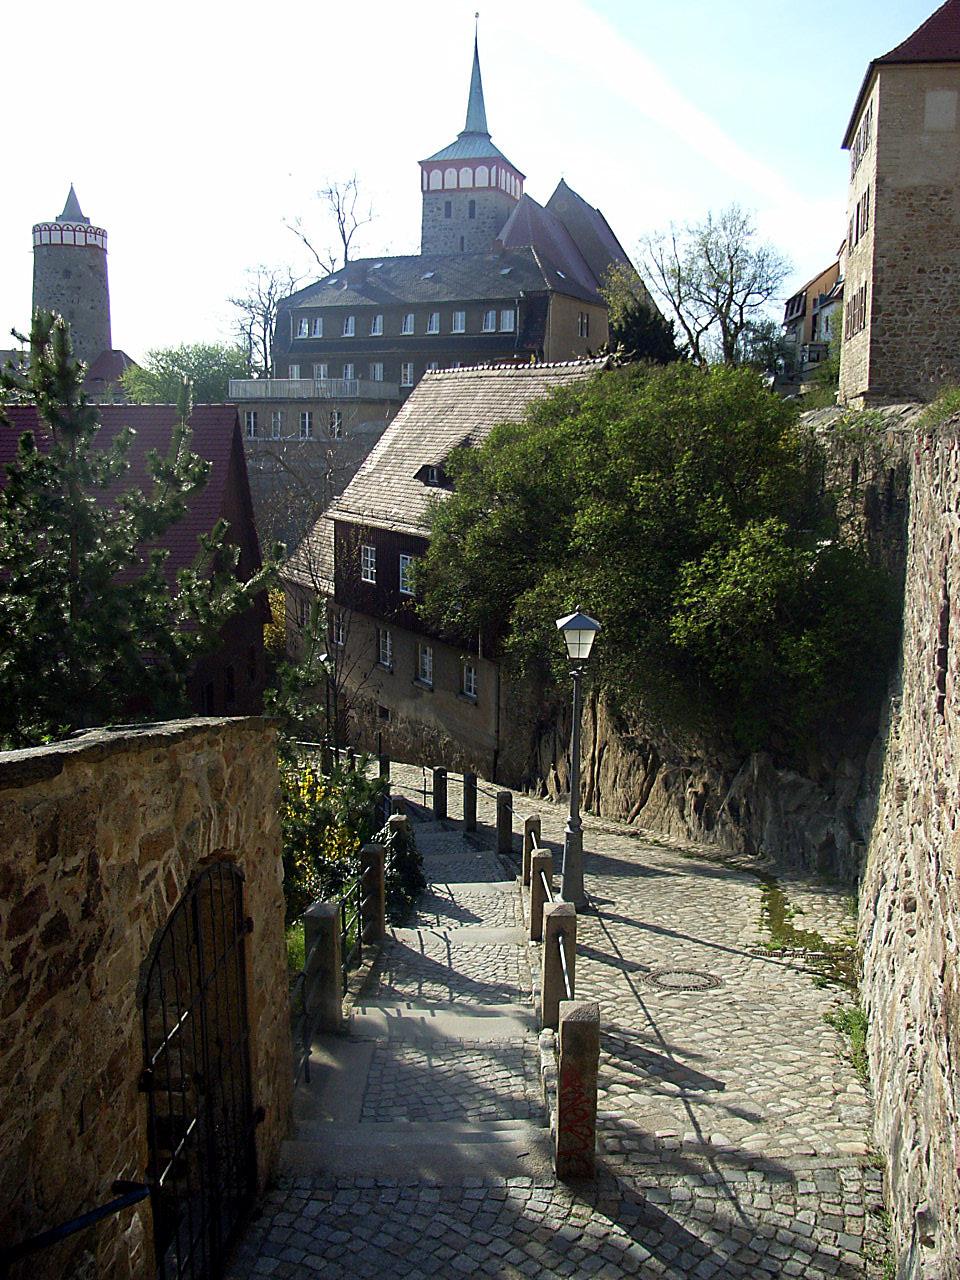 File:Straßenszene in Bauzen.JPG - Wikimedia Commons